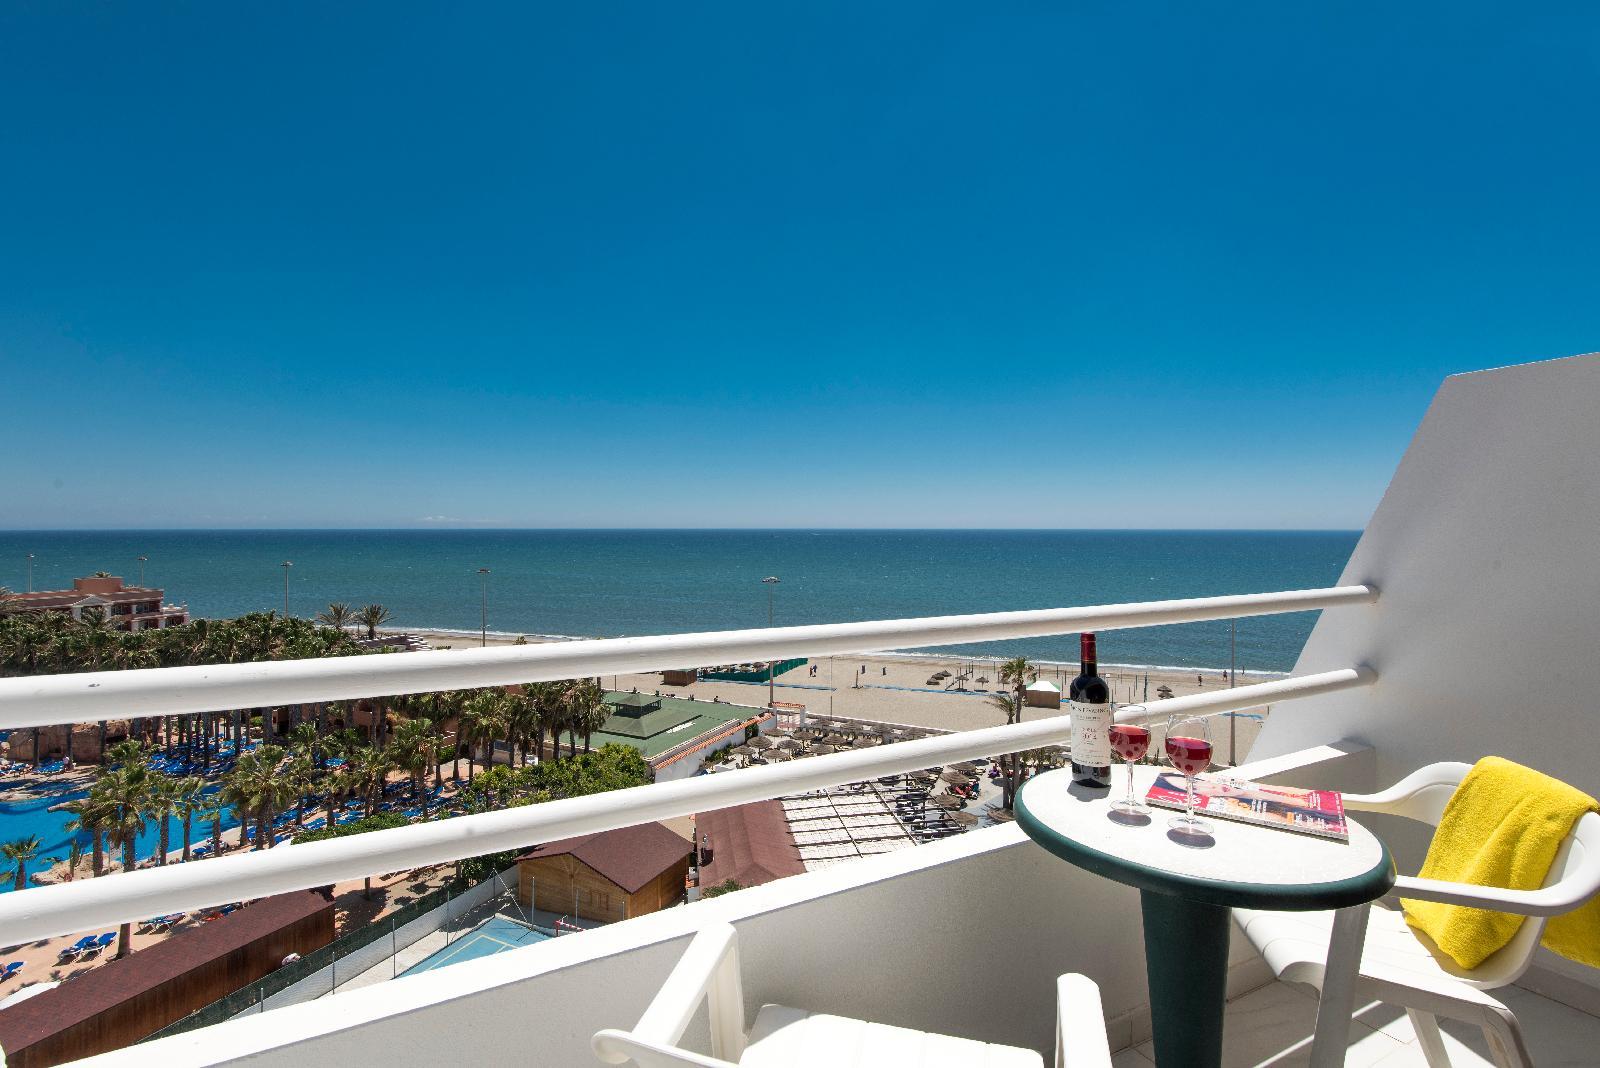 Hotel roc golf trinidad em roquetas de mar costa de almeria for Piscinas almeria